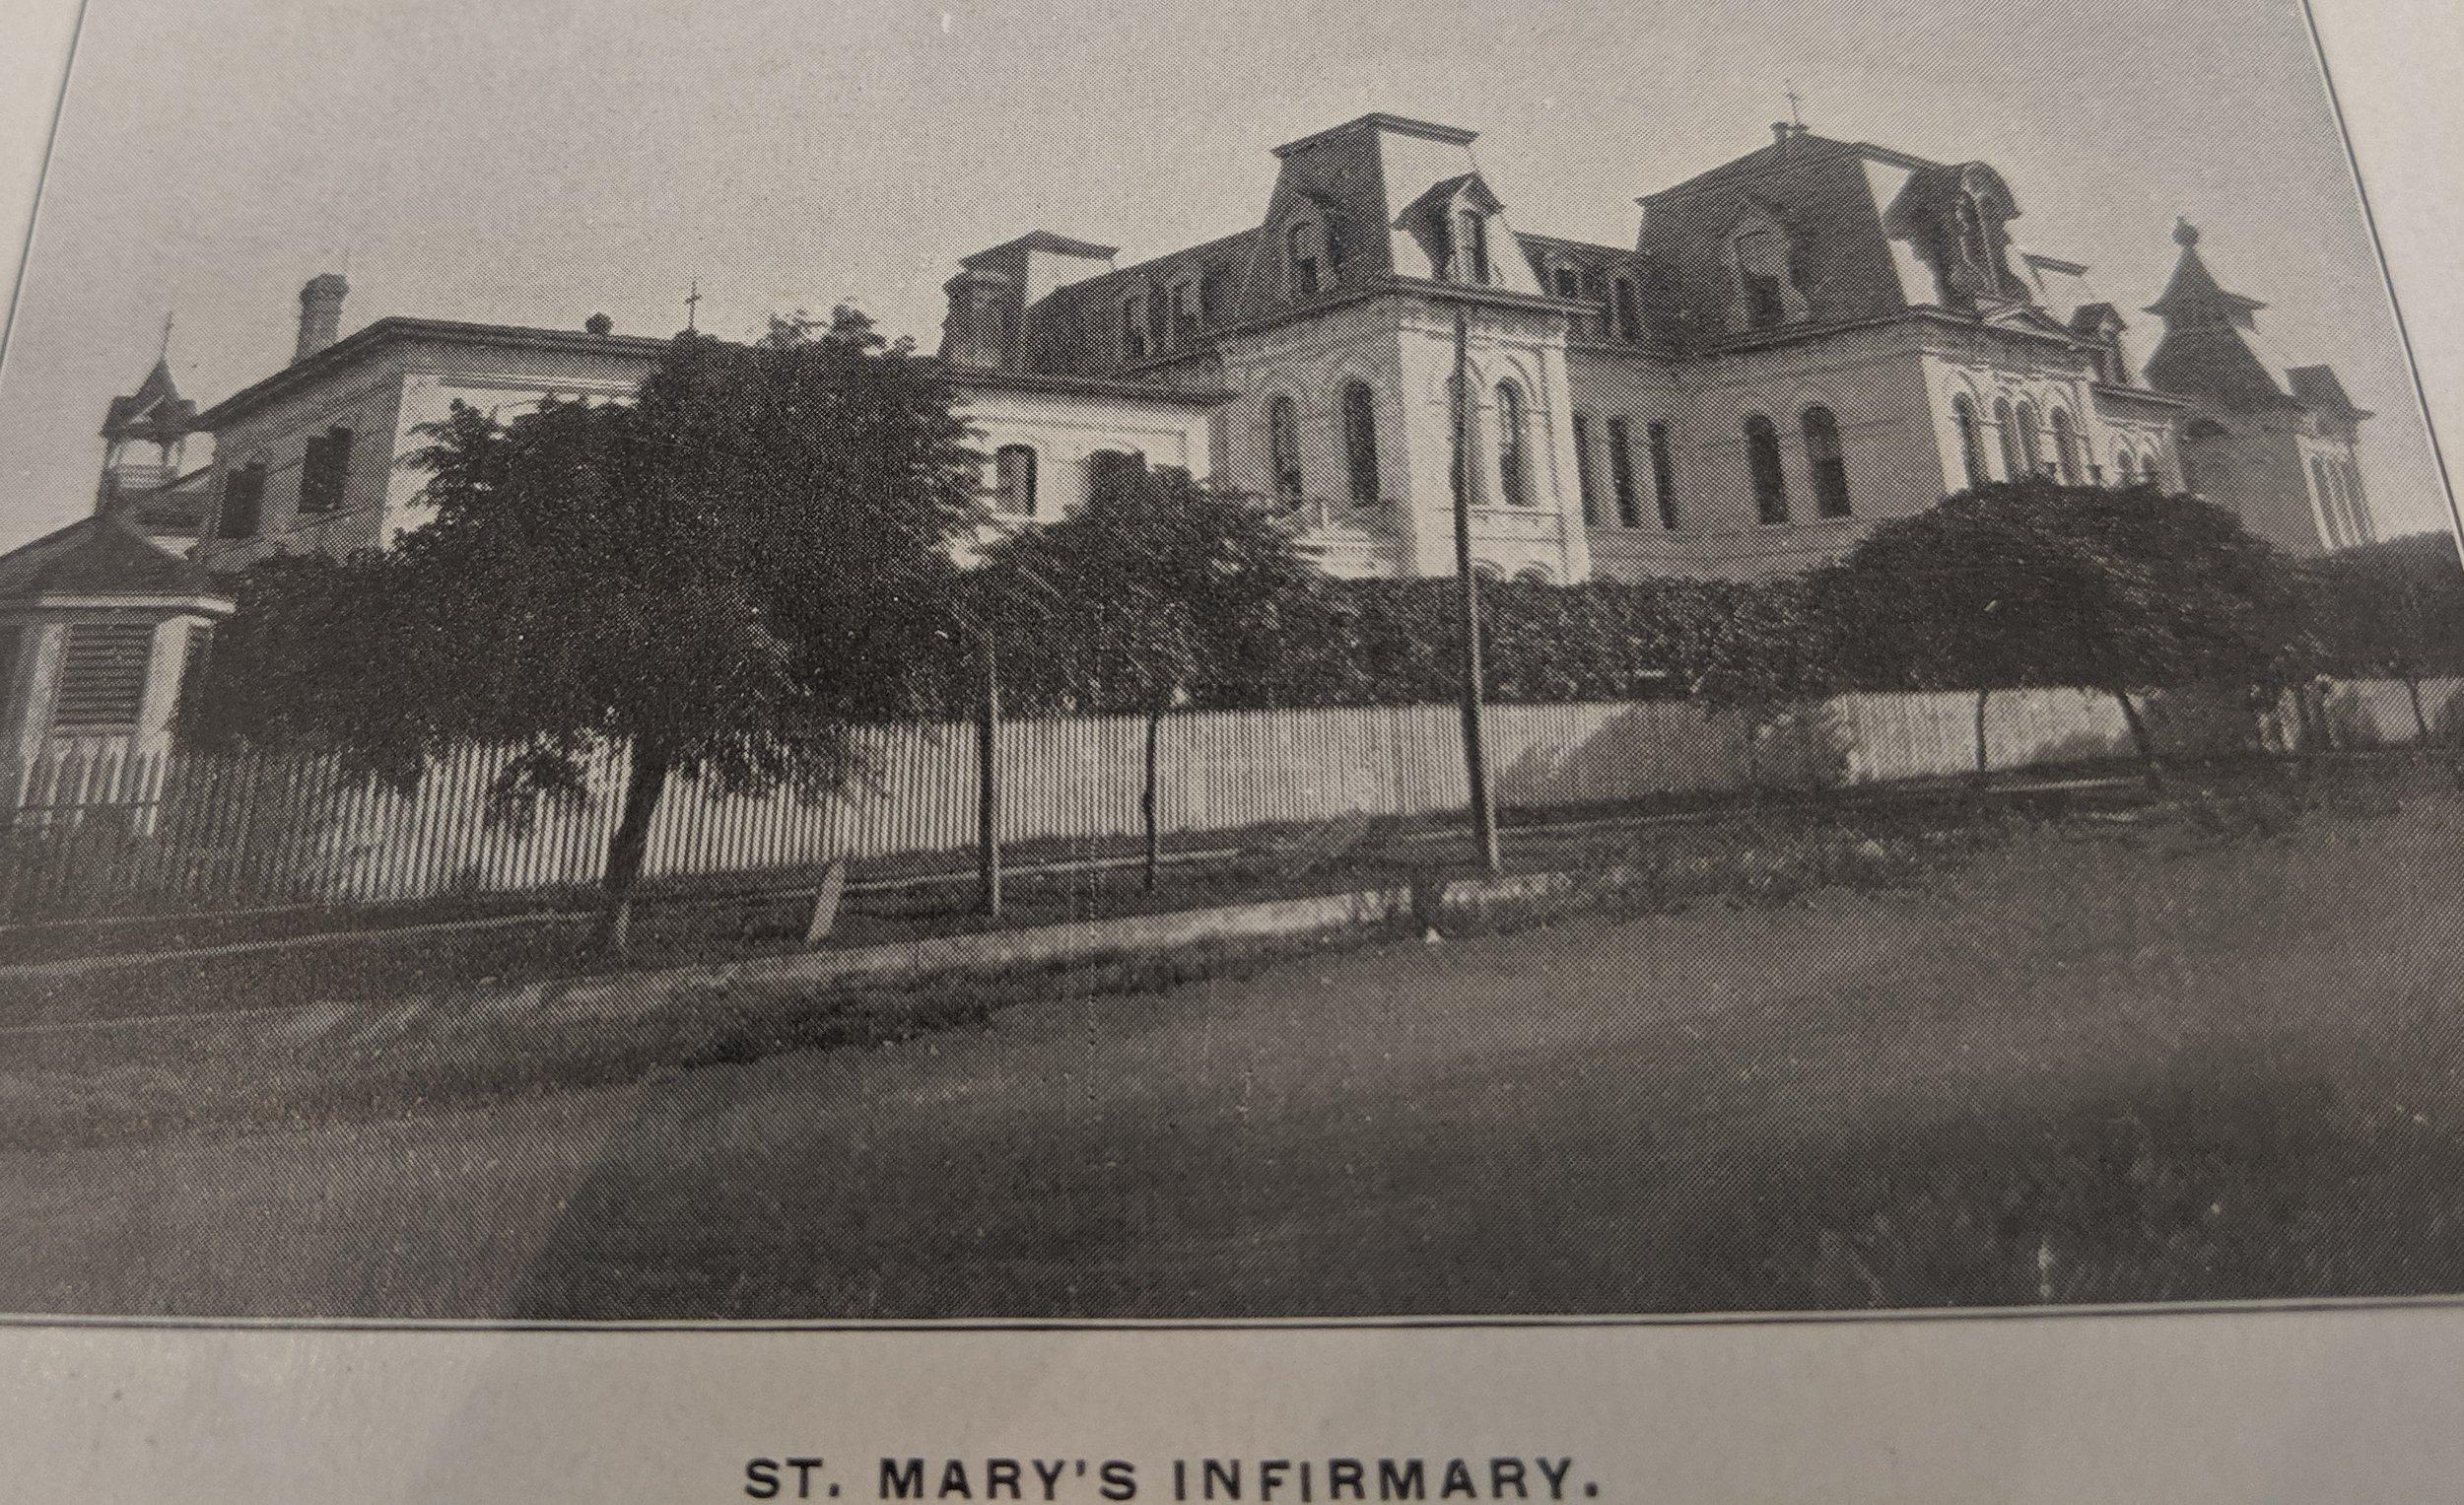 St. Mary's Infirmary